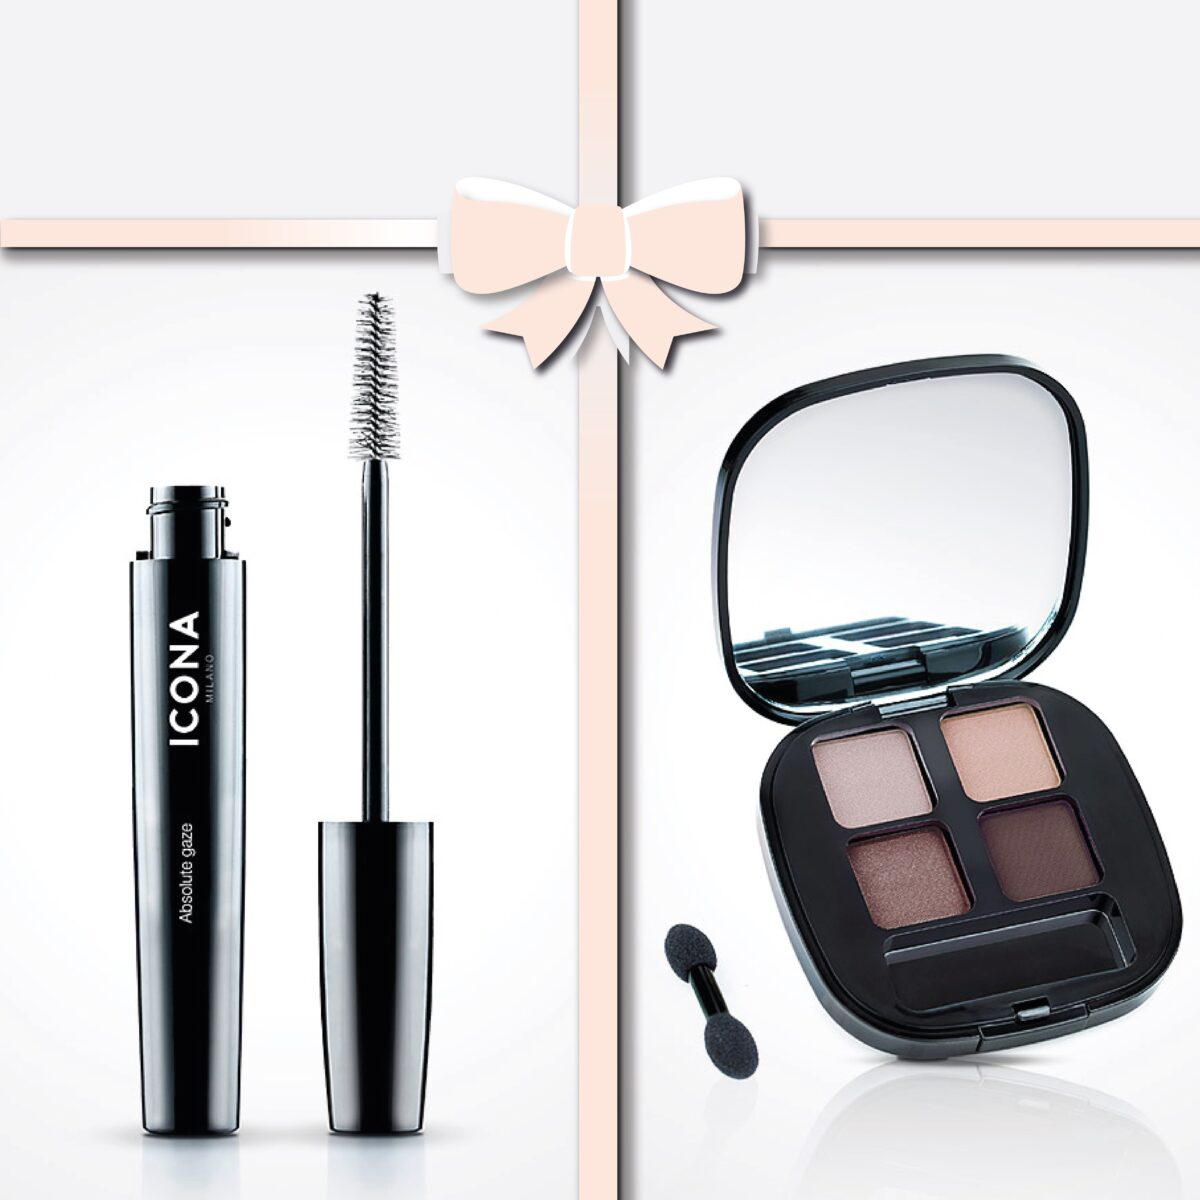 Promozione Mascara e palette essential chic brown Icona